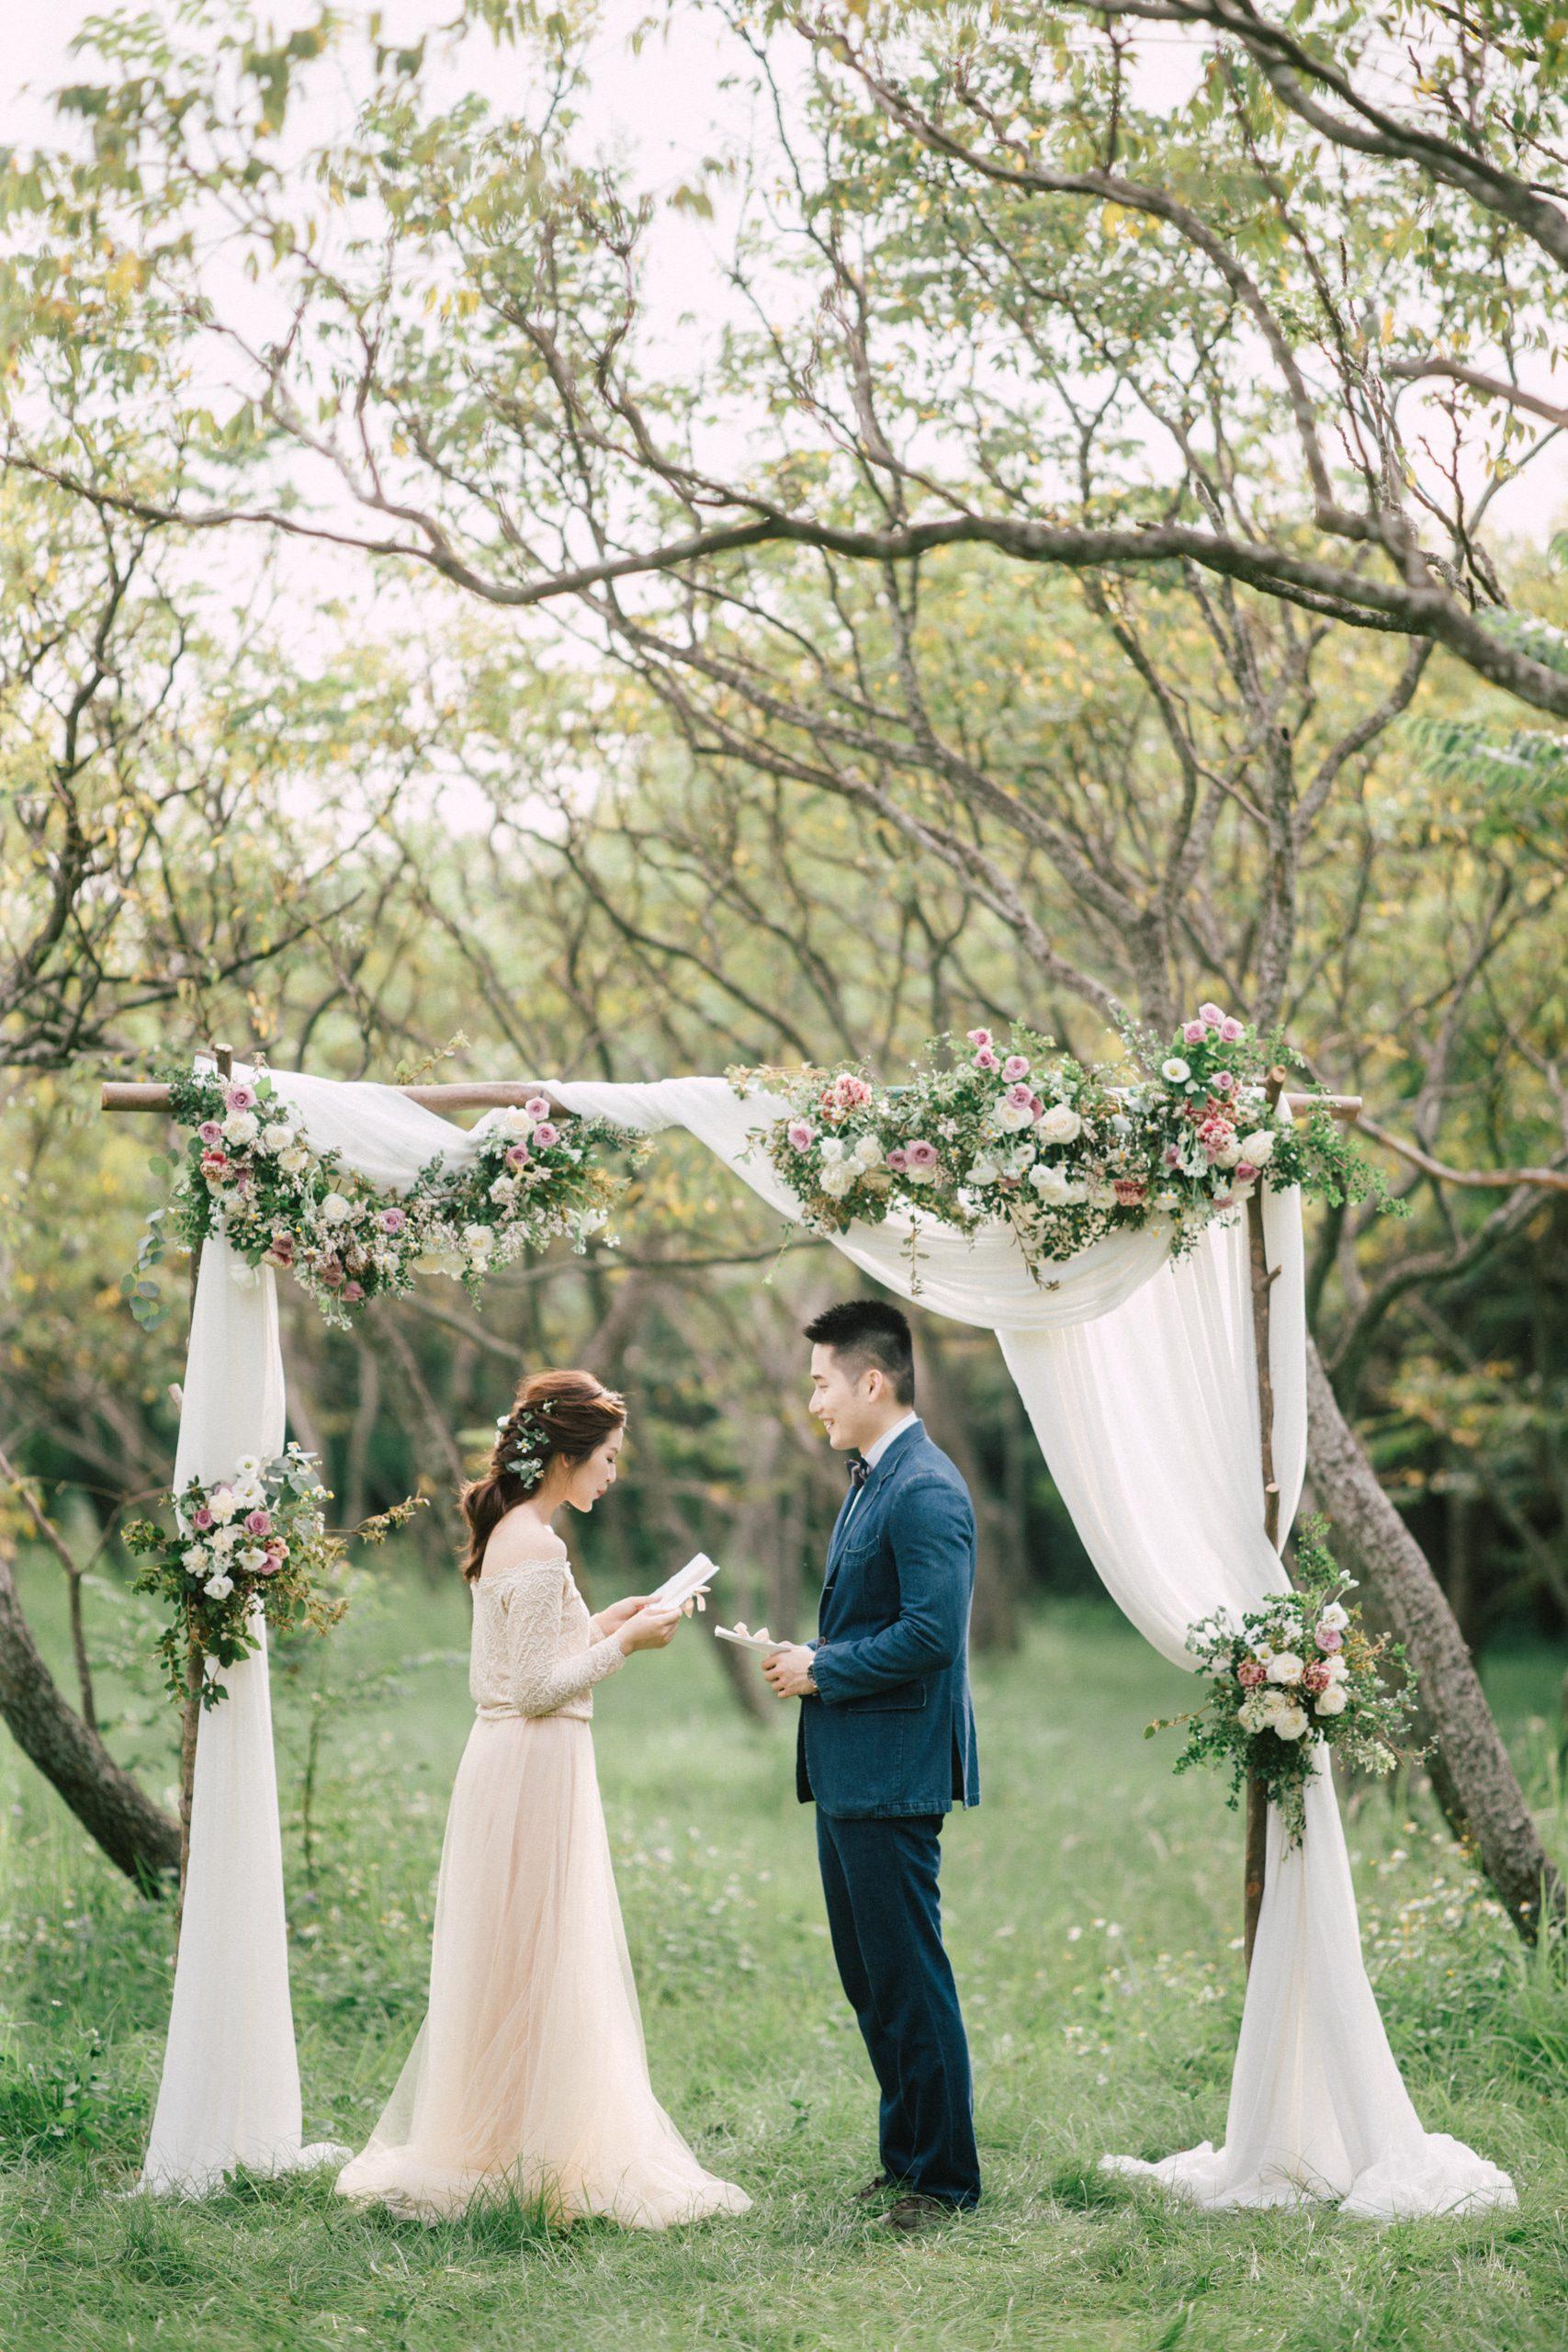 美式婚紗, The Stage 美式婚紗, 美式婚禮, 台中美式婚紗